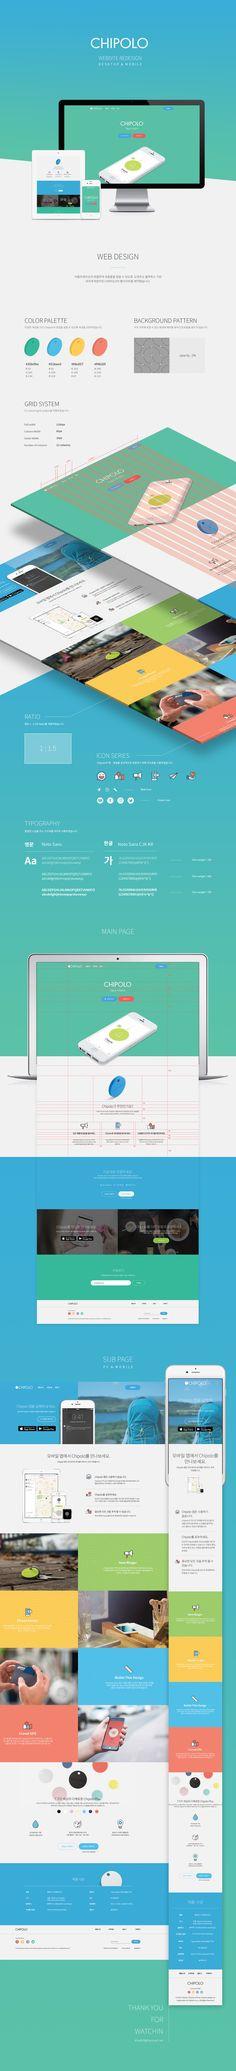 리메인 (remain) 수강생 웹 디자인 포트폴리오. / UX, UI, design, bx, mricro site, mricrosite, 웹 디자인, 웹 포트폴리오, 마이크로 사이트, 쇼핑몰 디자인, 기업 사이트 / 리메인 작품은 모두 수강생 작품 입니다.  www.remain.co.kr Web Design, App Landing Page, Website Web, Showcase Design, Problem Solving, Wordpress Theme, Branding, Layout, Design Web